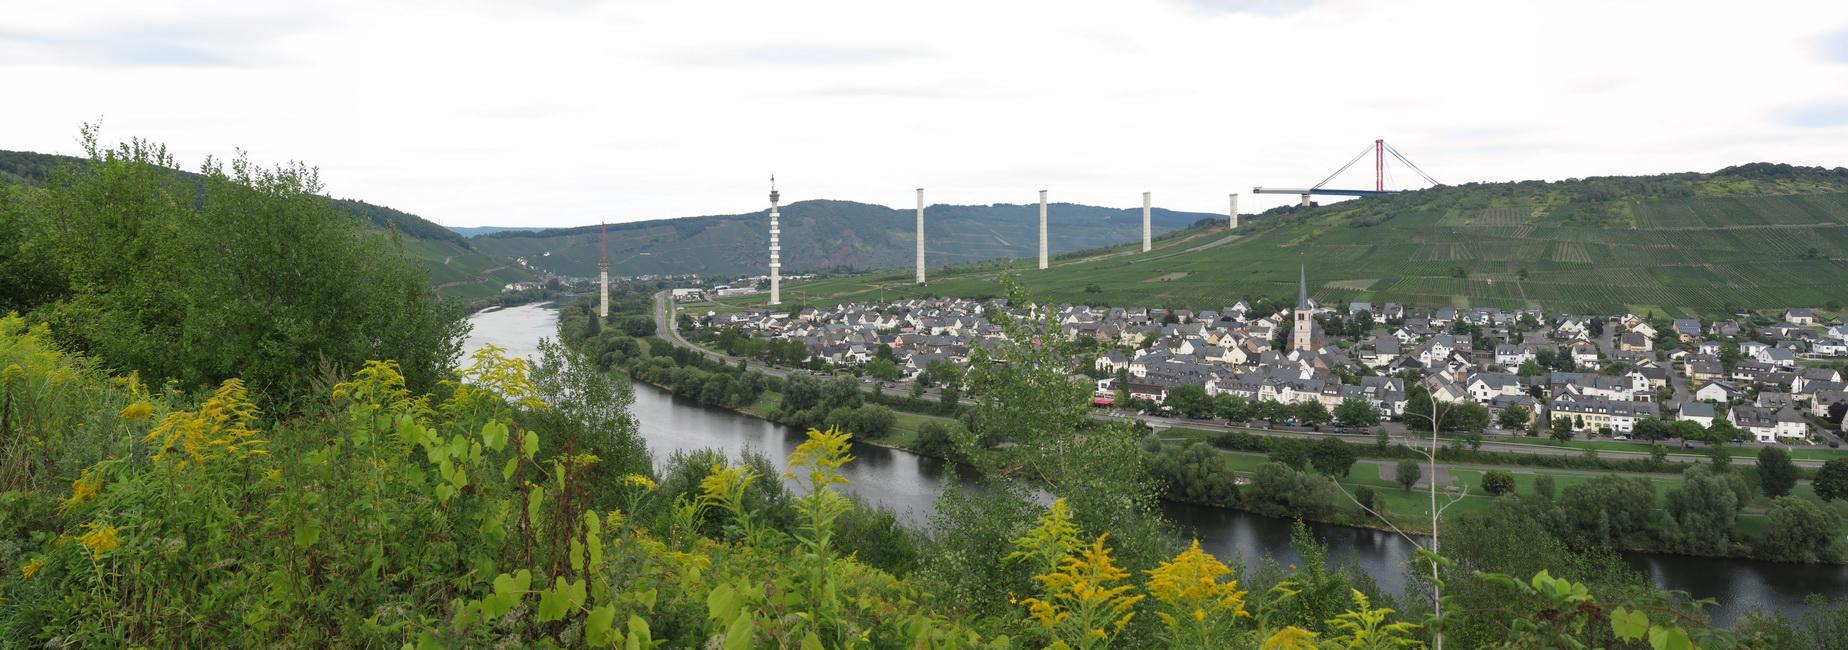 Moseltalbrücke im Taktschiebeverfahren